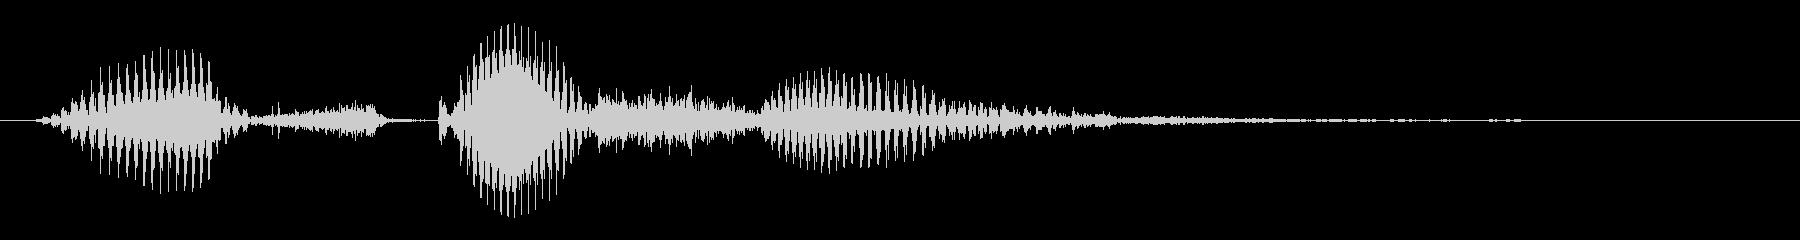 美しいの未再生の波形